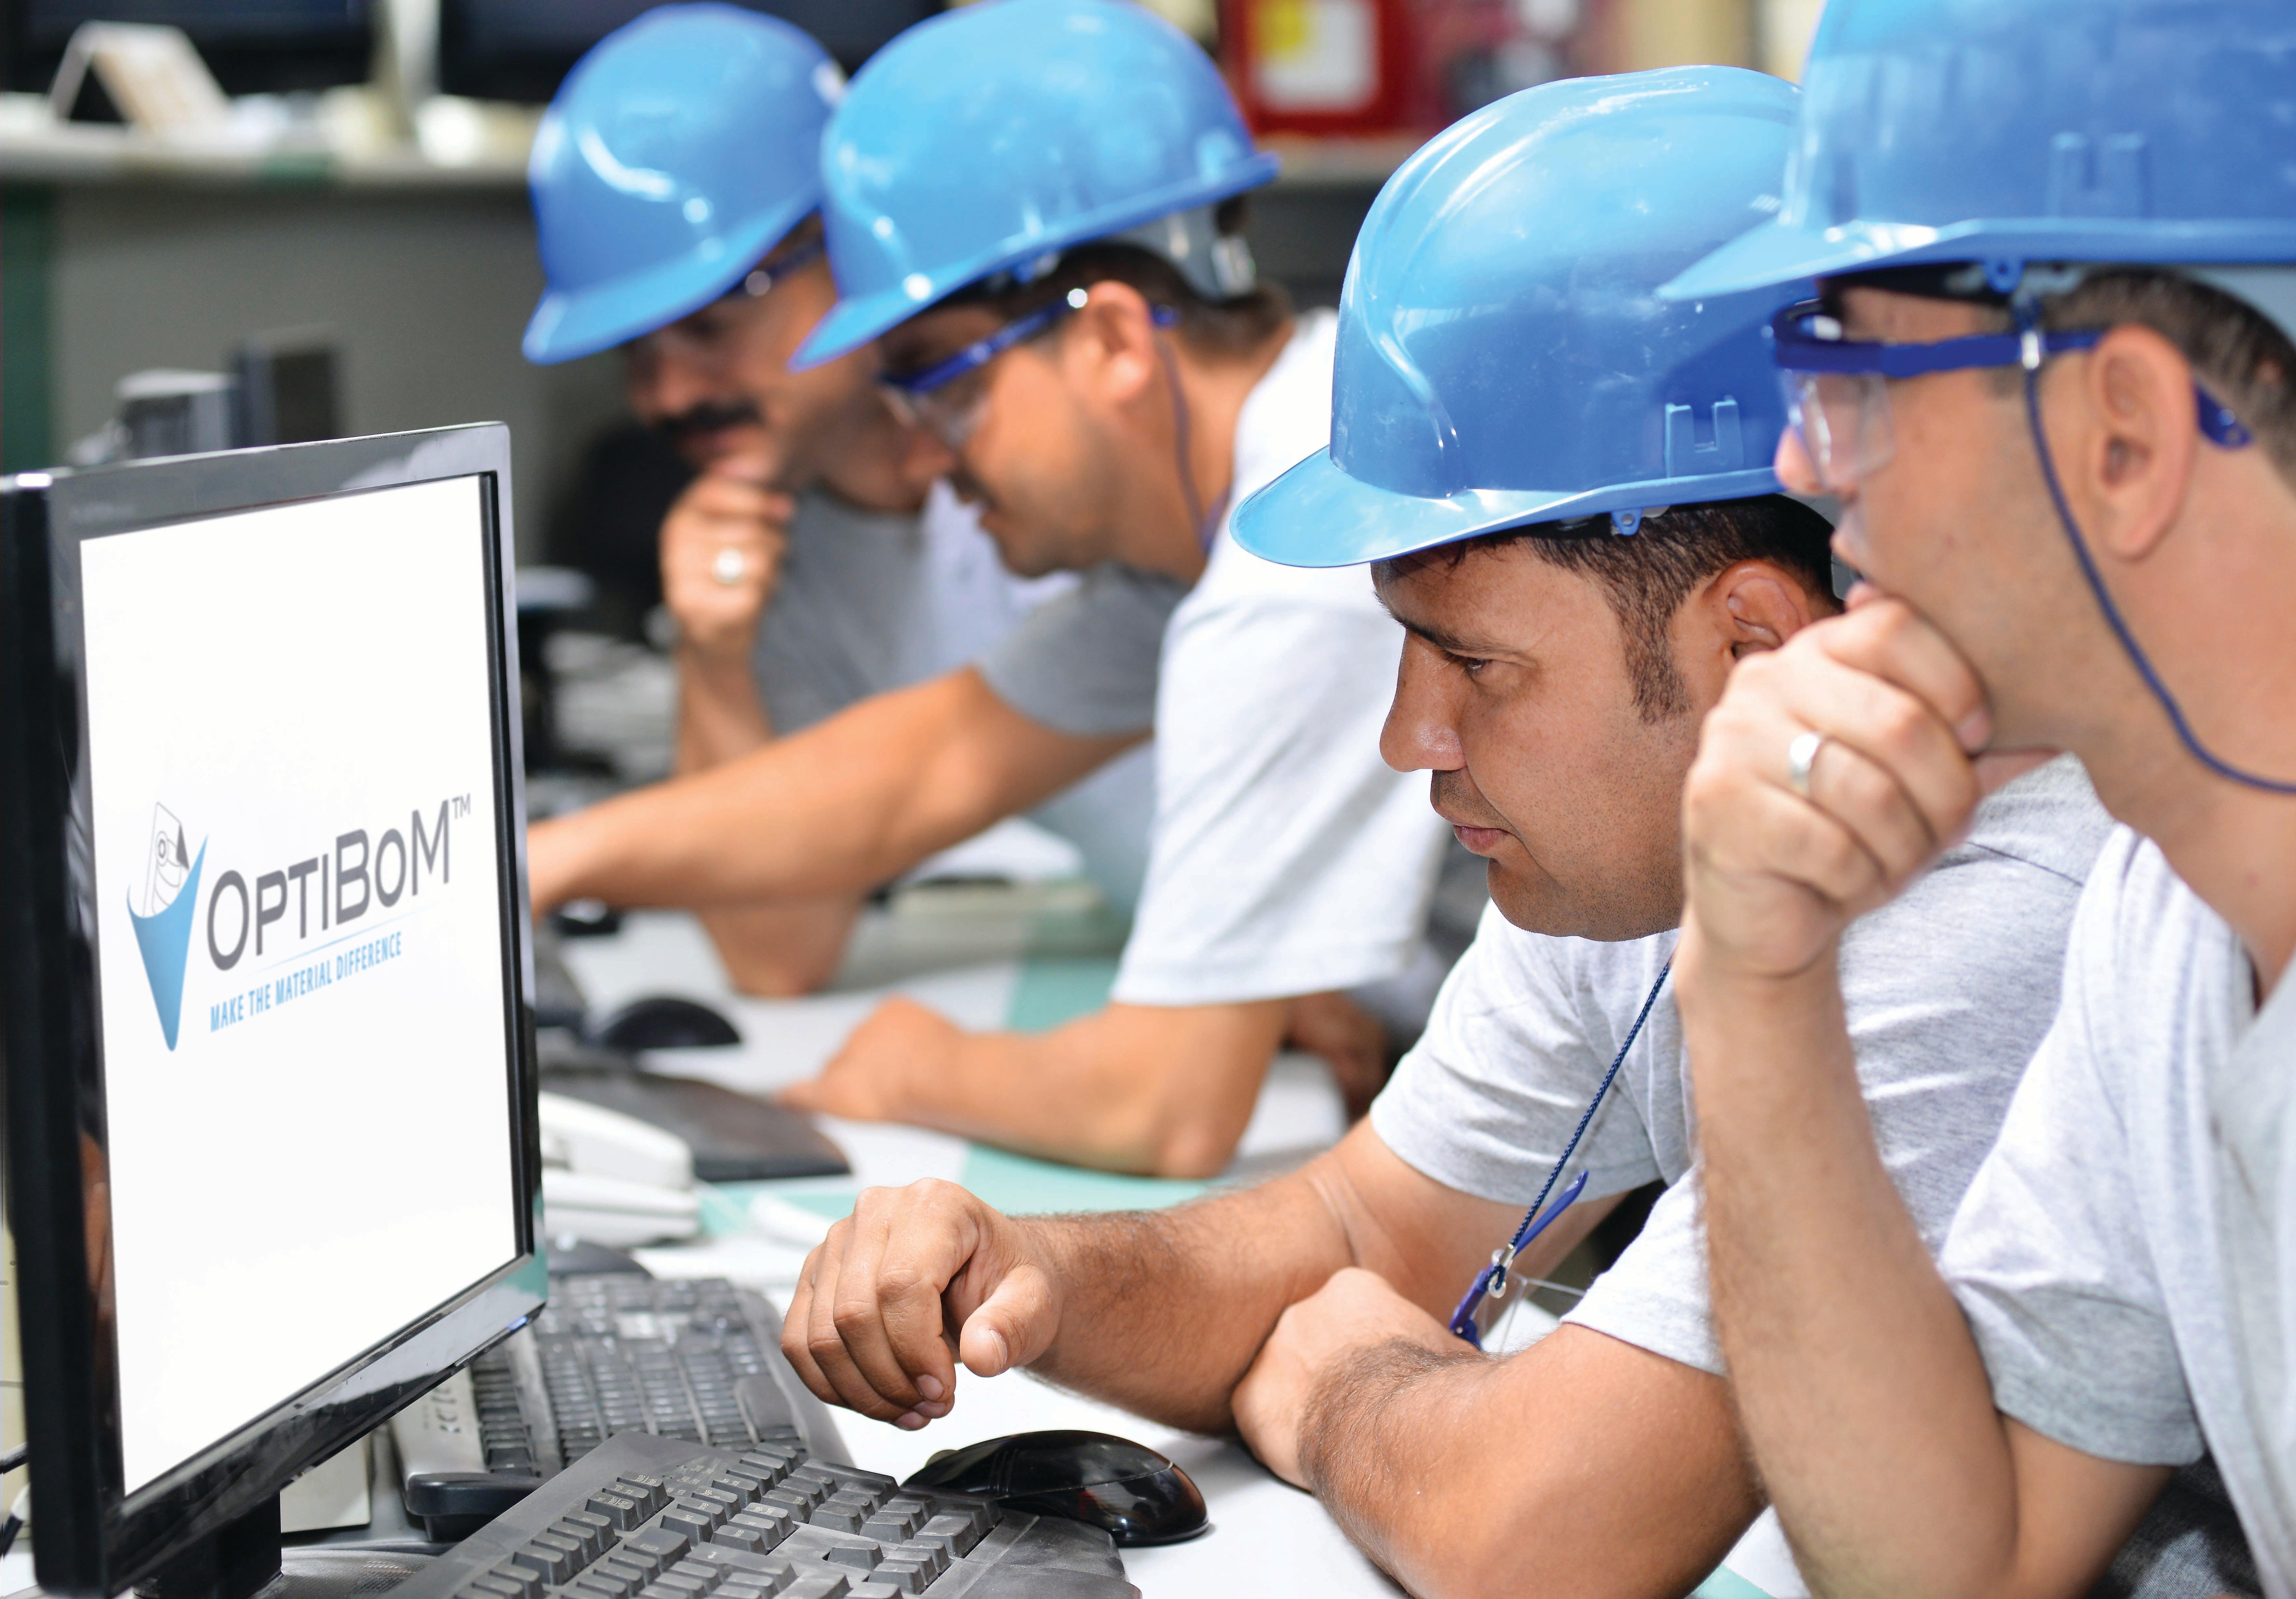 AL_OptiBoM_Photo_Engineers_Computer